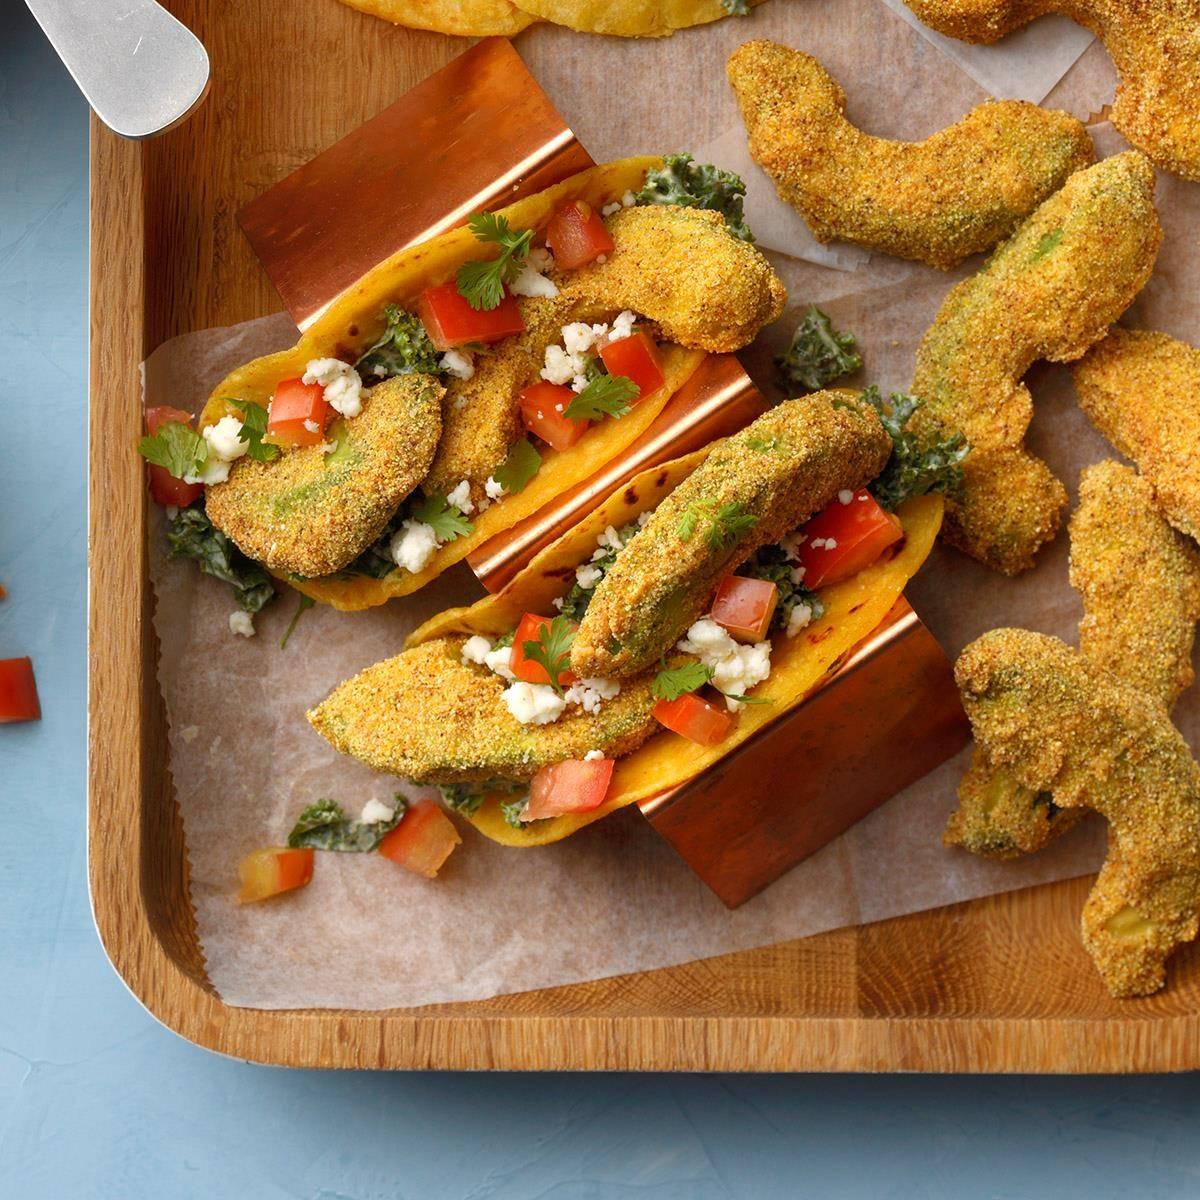 Air Fryer Fried Avocado Tacos Exps Rc20 256323 B09 15 3b 1